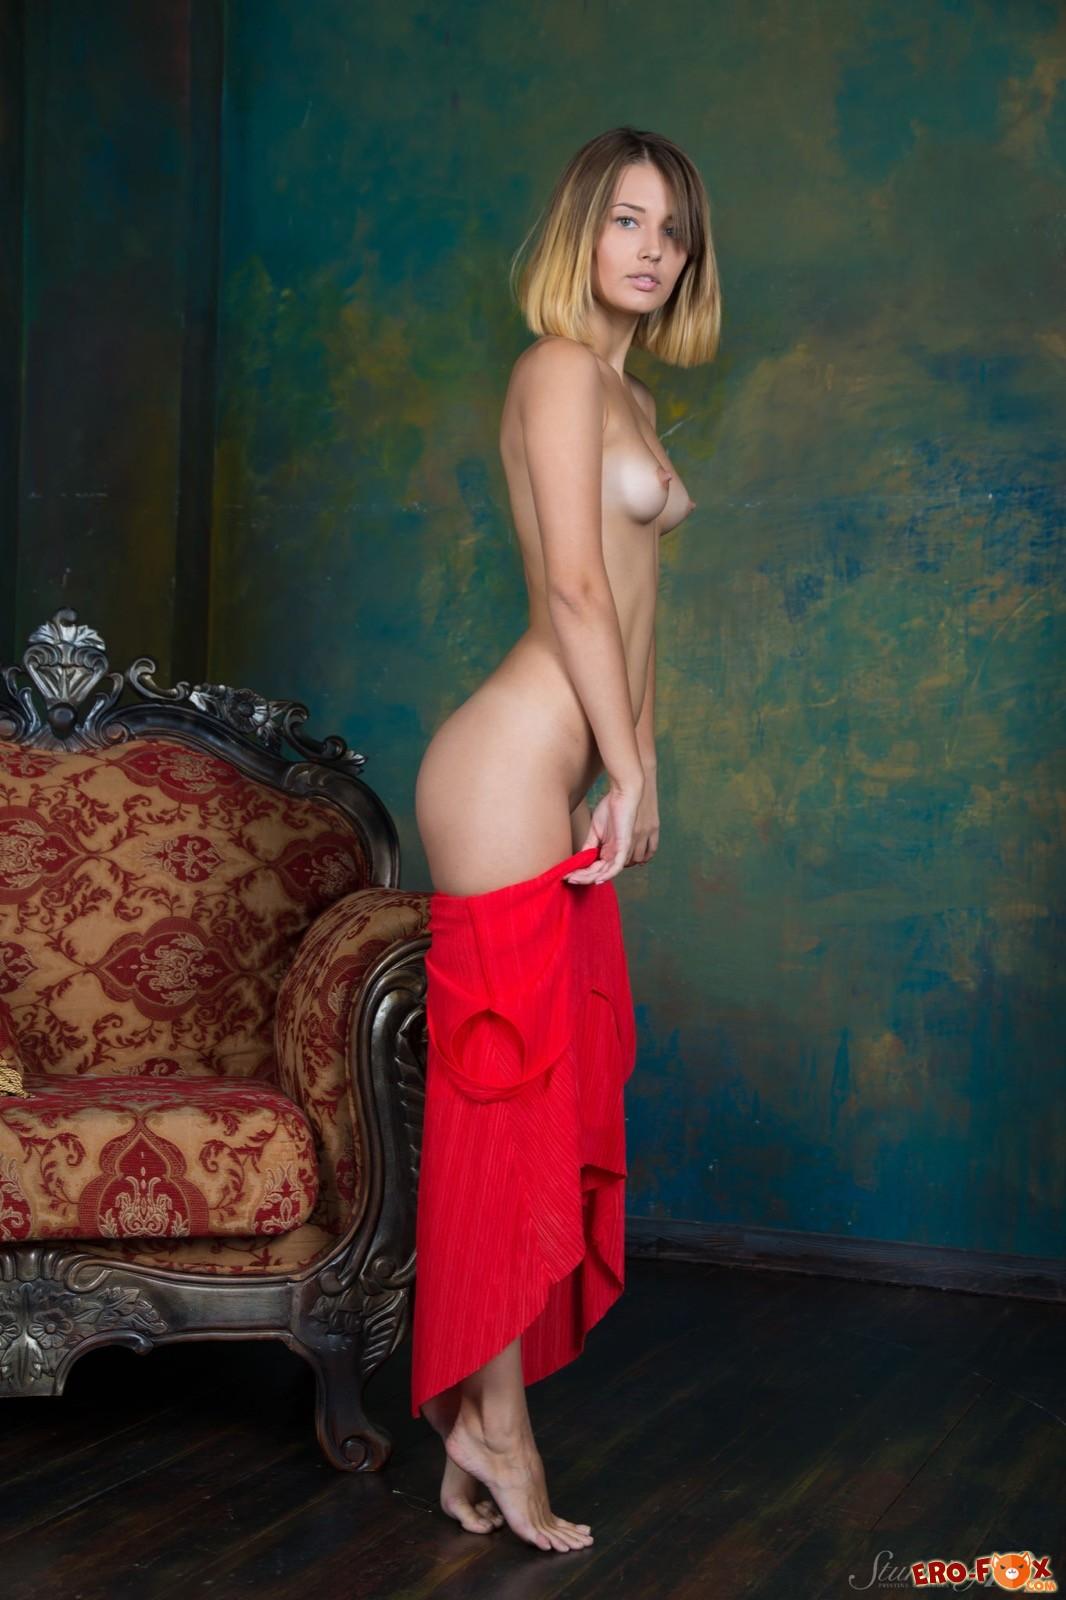 Торчащие сосочки на маленькой груди голой девушки